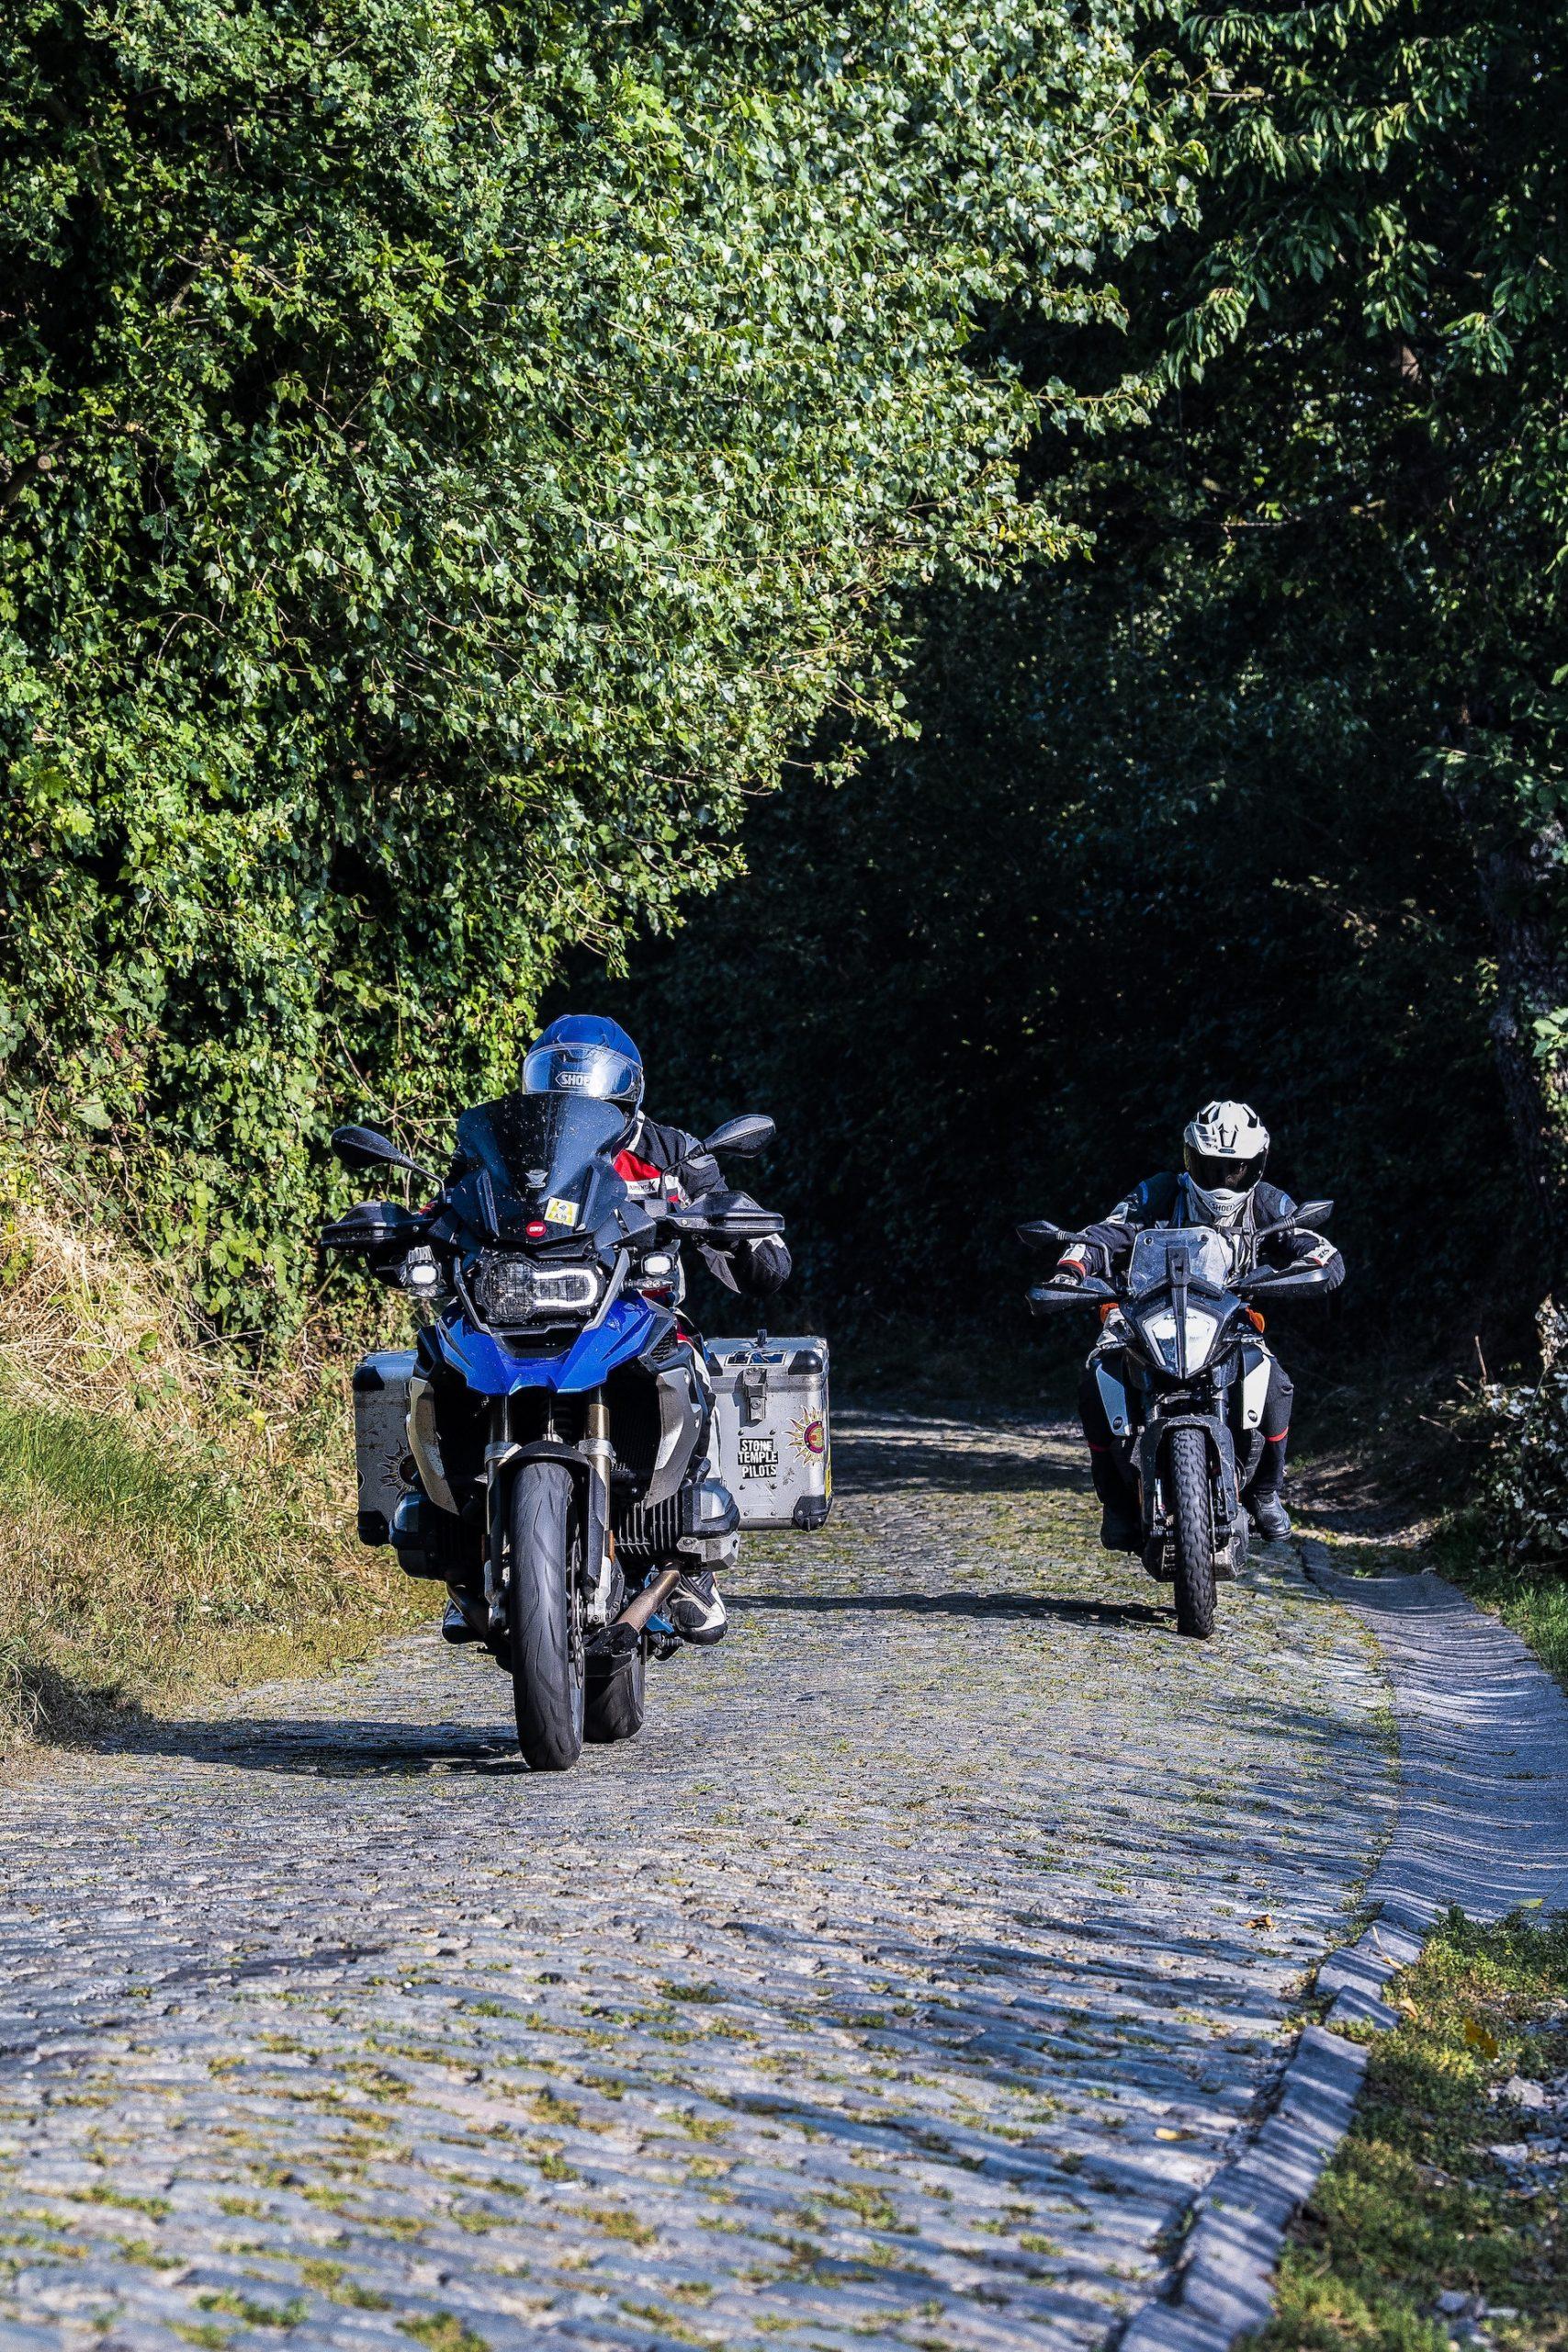 BMW R 1200 GS KTM 390 Adventure Ronde Van Vlaanderen TT